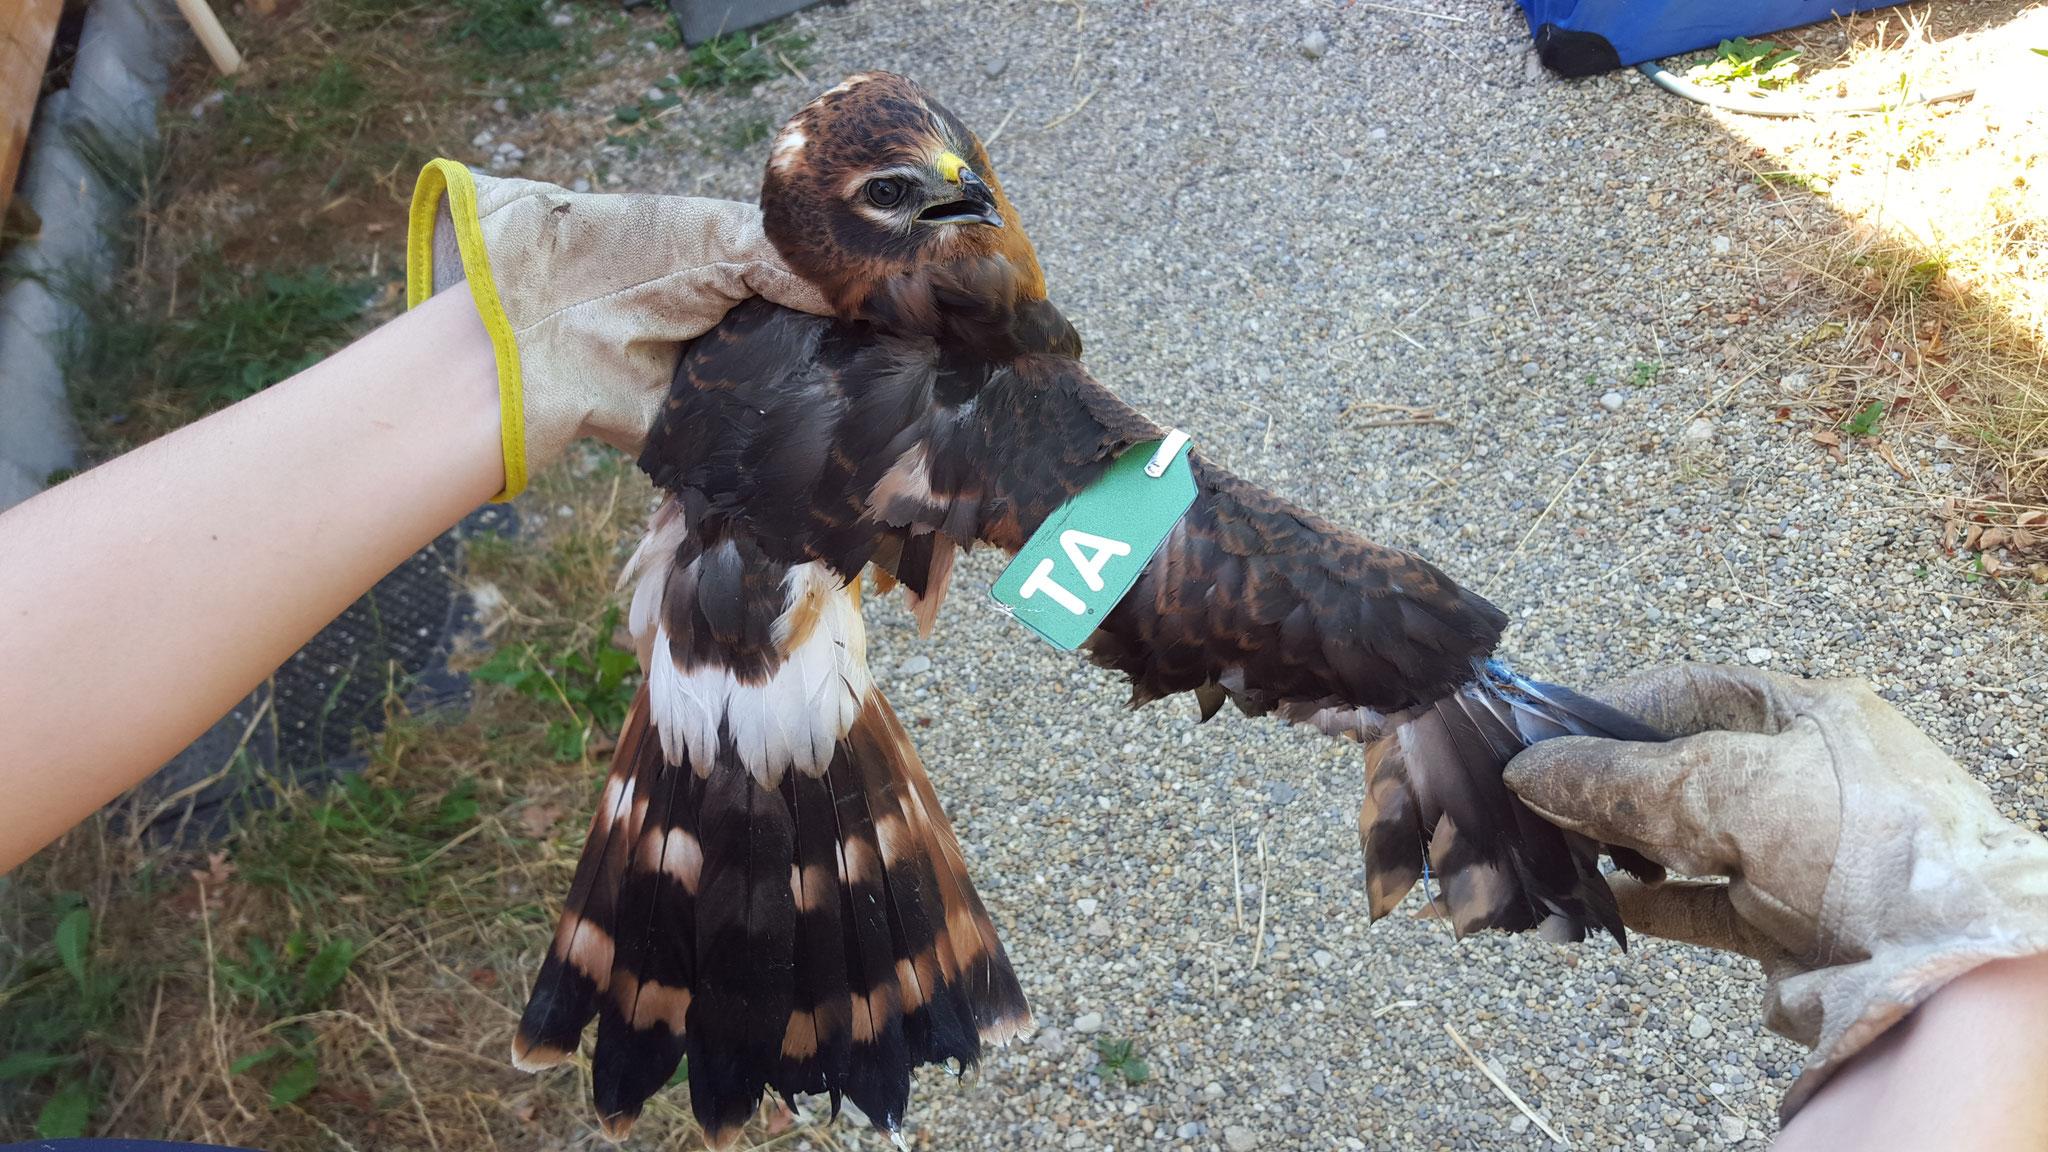 Flügeloberseite mit Marke - das Männchen stammte aus dem LBV-Schutzprogramm; Foto N. Haas